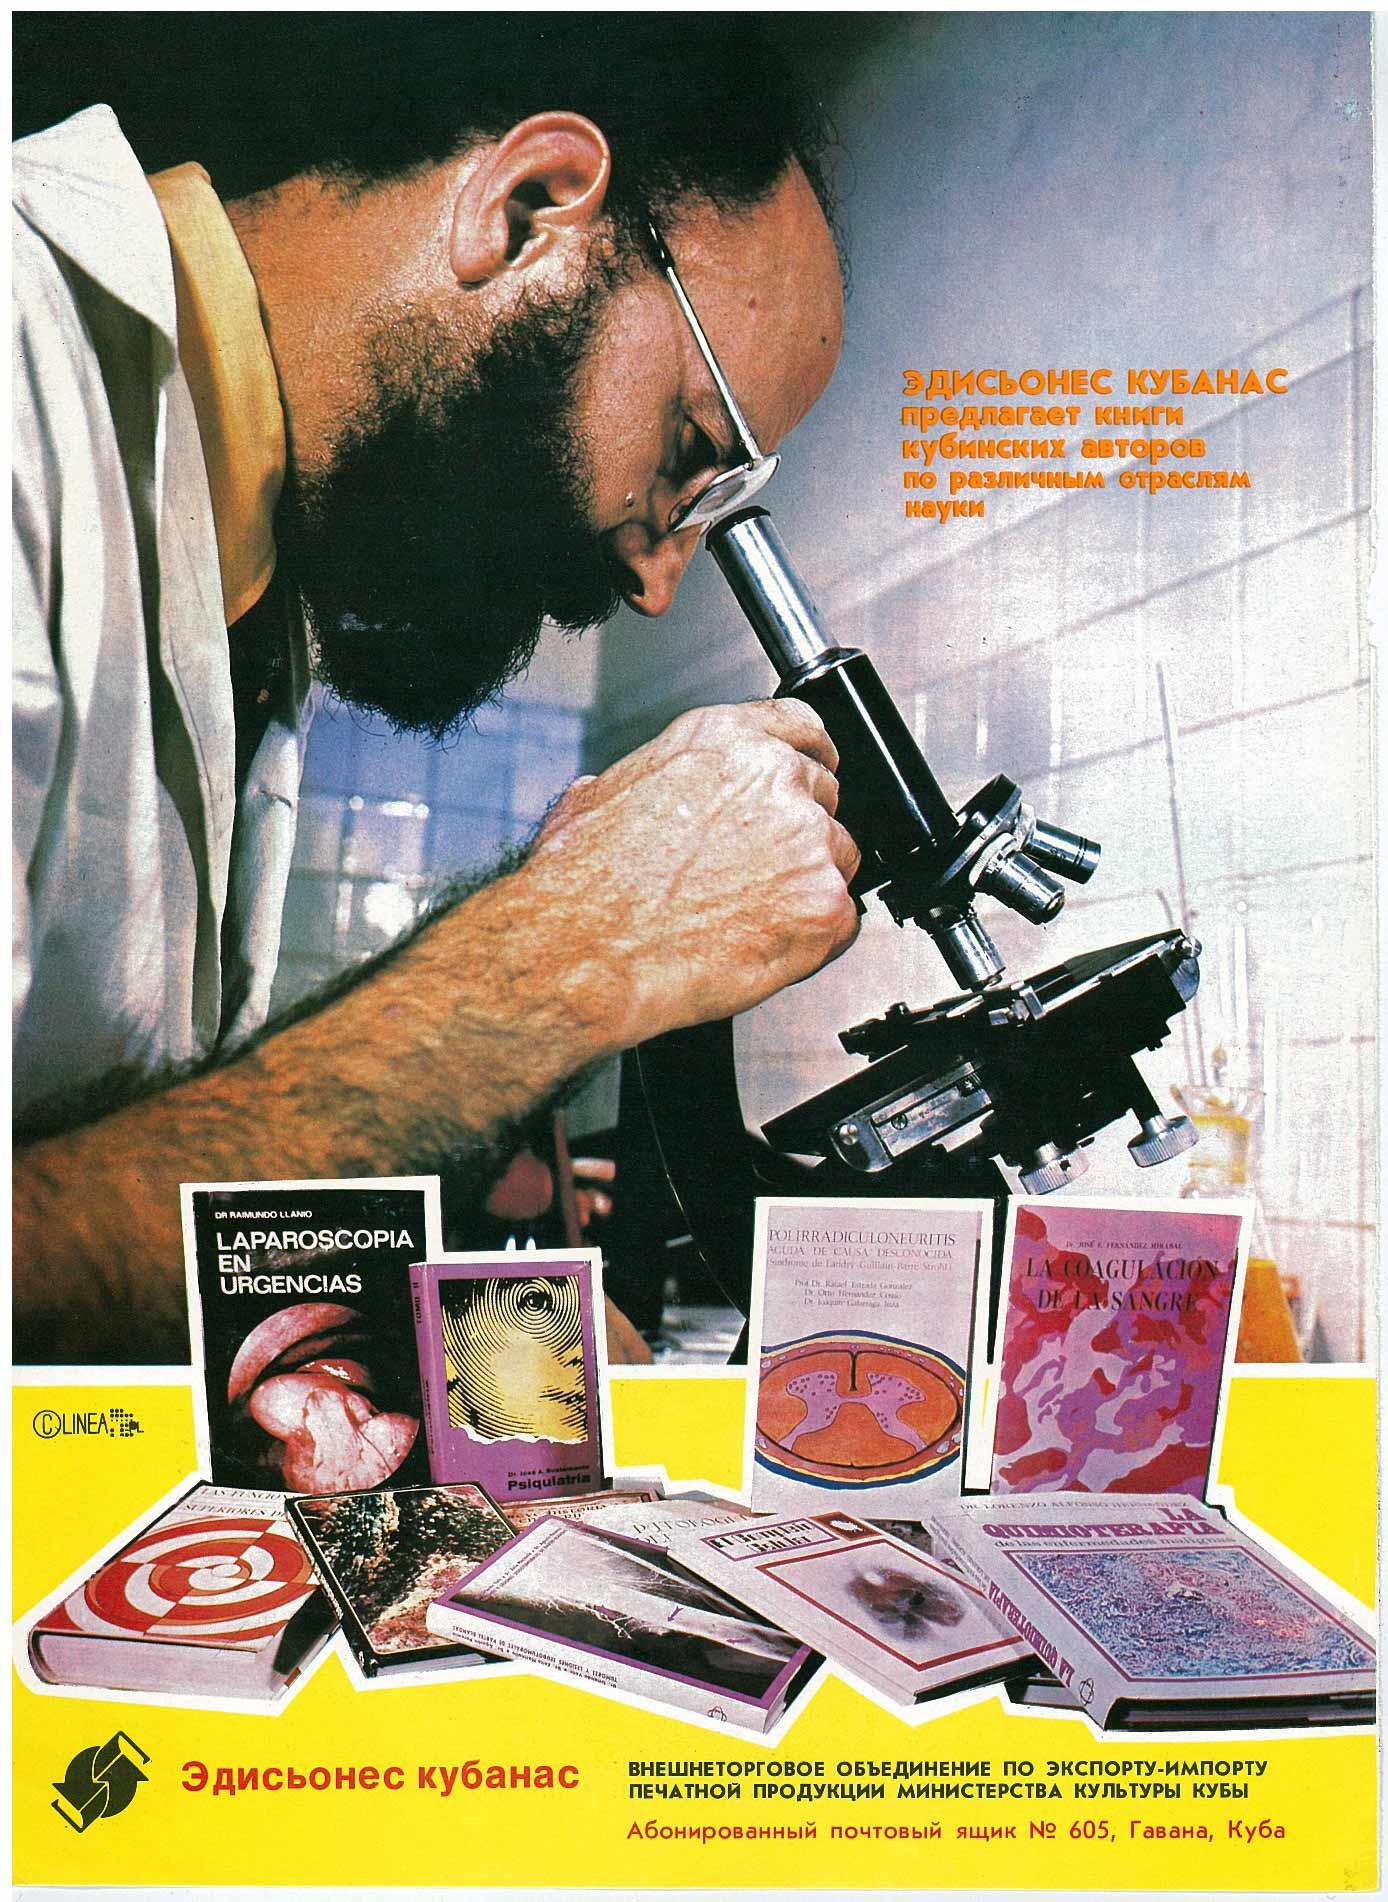 Реклама Эдисьонес кубанас - внешнеторгового объединения по экпорту-импорту печатной продукции